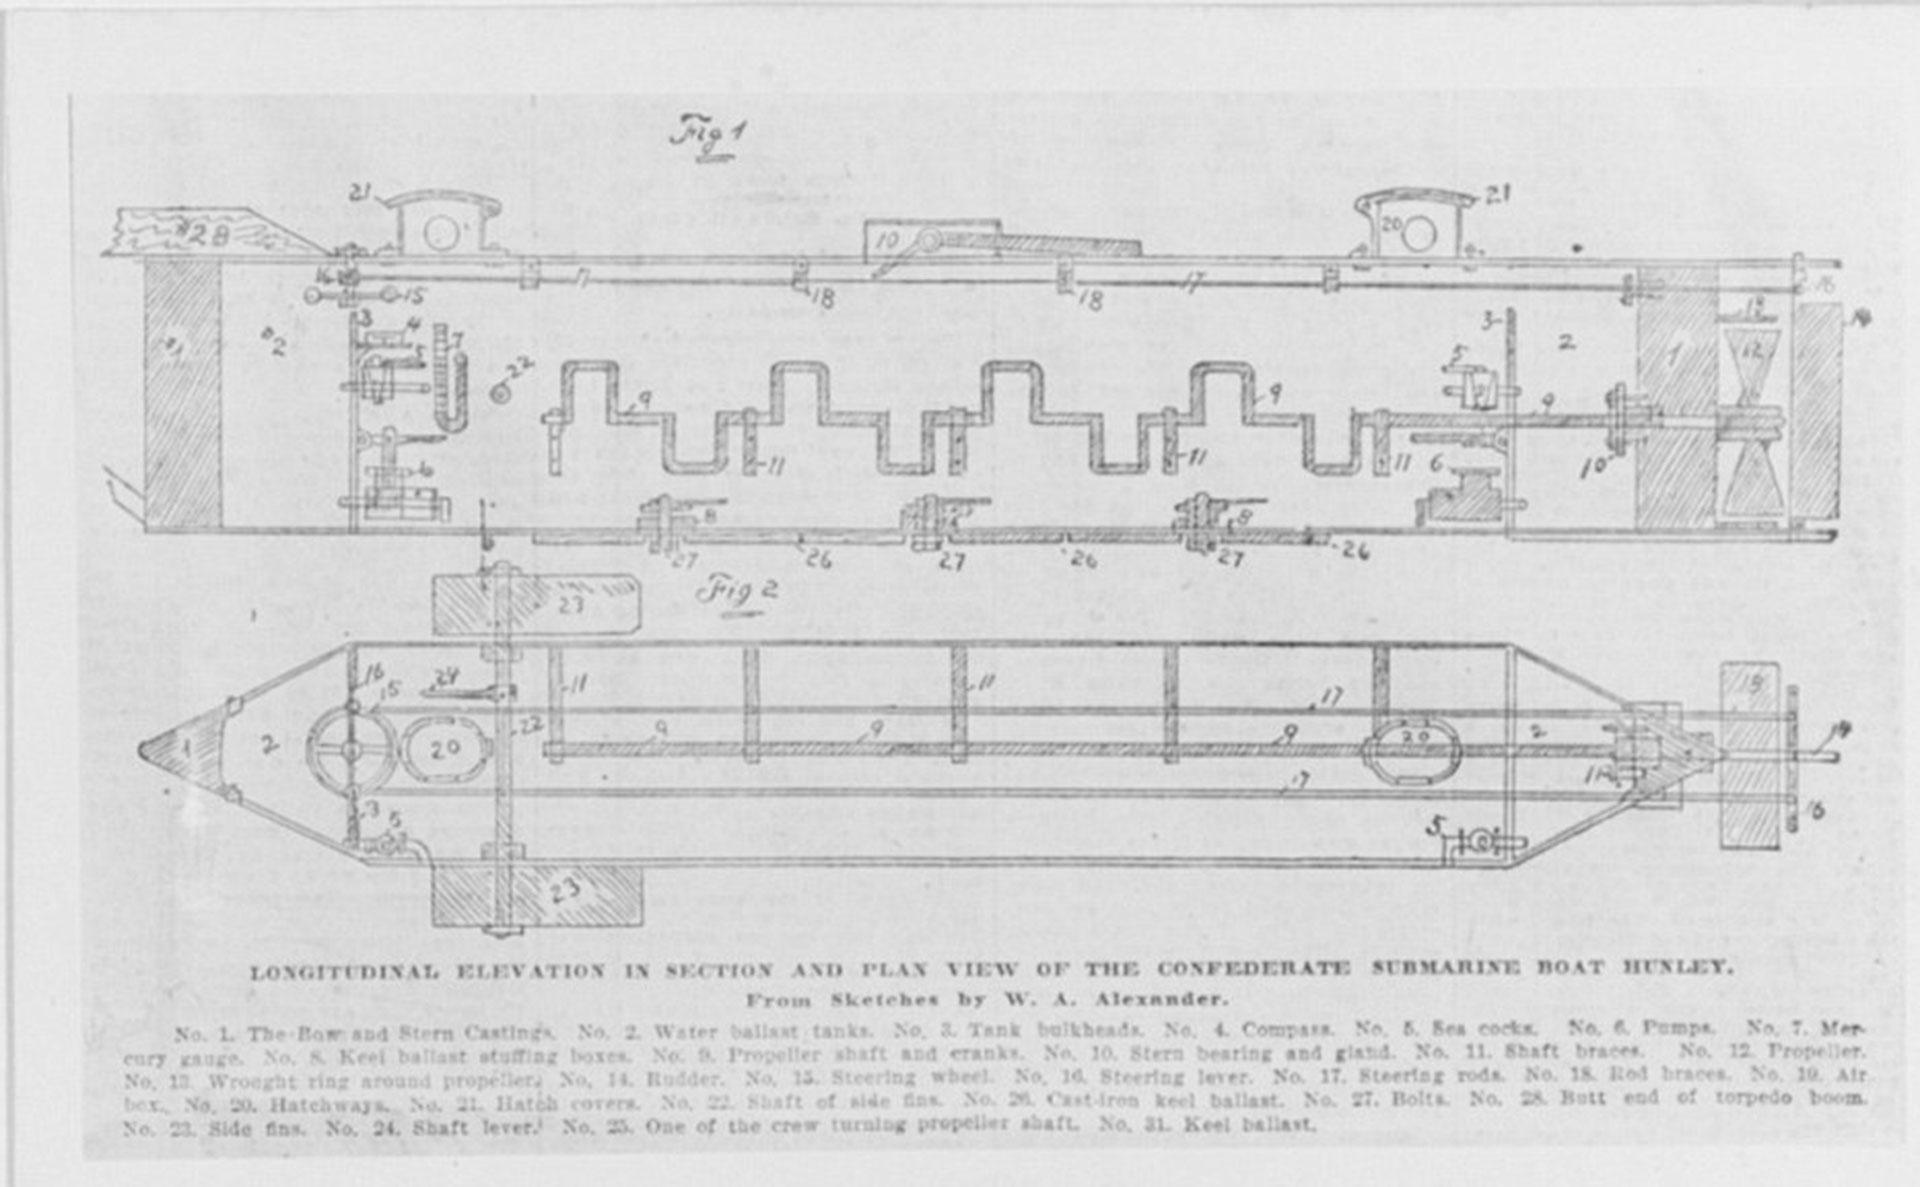 Un esquema del submarino creado por H. L Hunley en 1863 y que llevó su nombre. Era accionado manualmente (Naval History and Heritage Command)